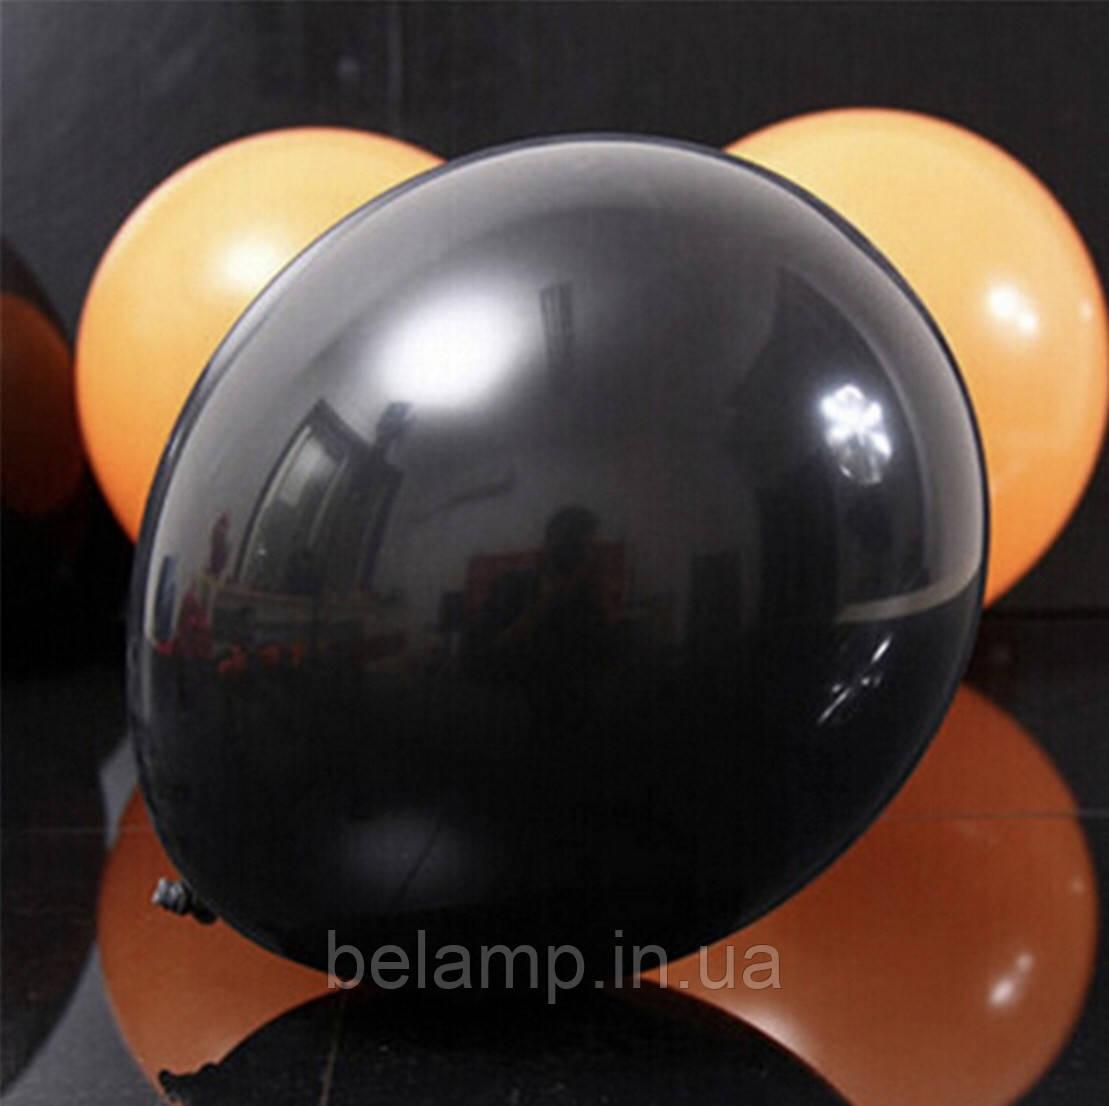 Чёрный воздушный шарик, фото 1